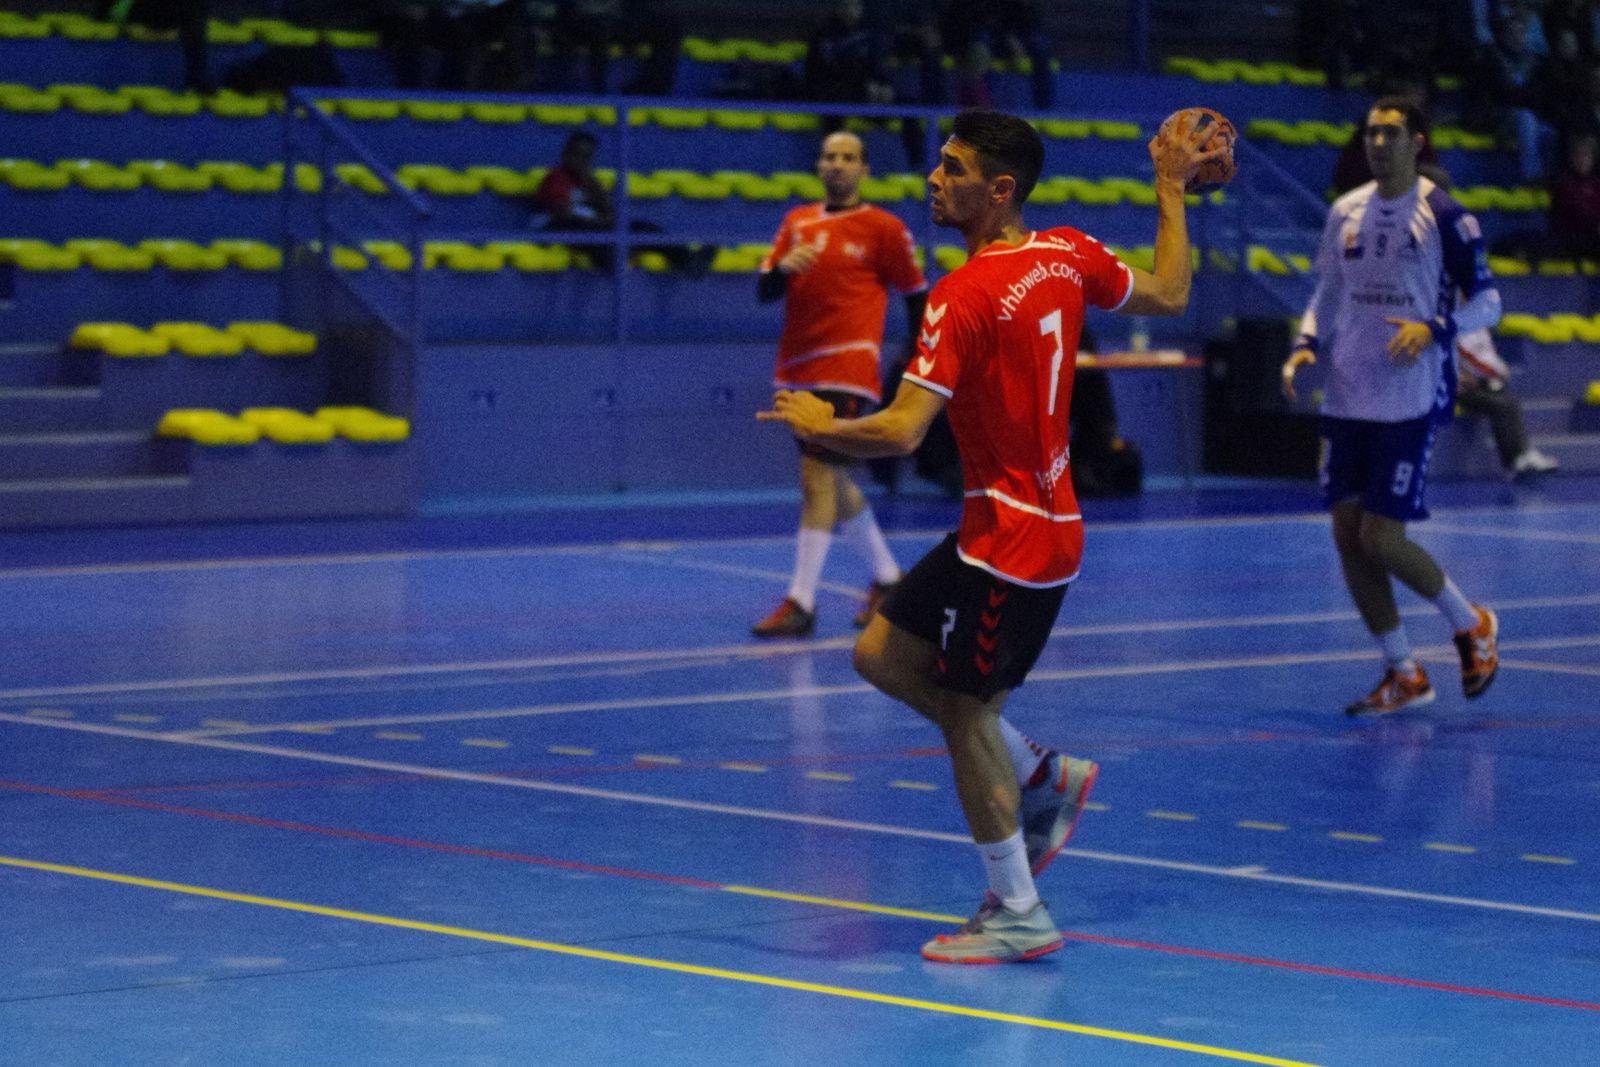 Vénissieux Handball demeure invaincue cette saison